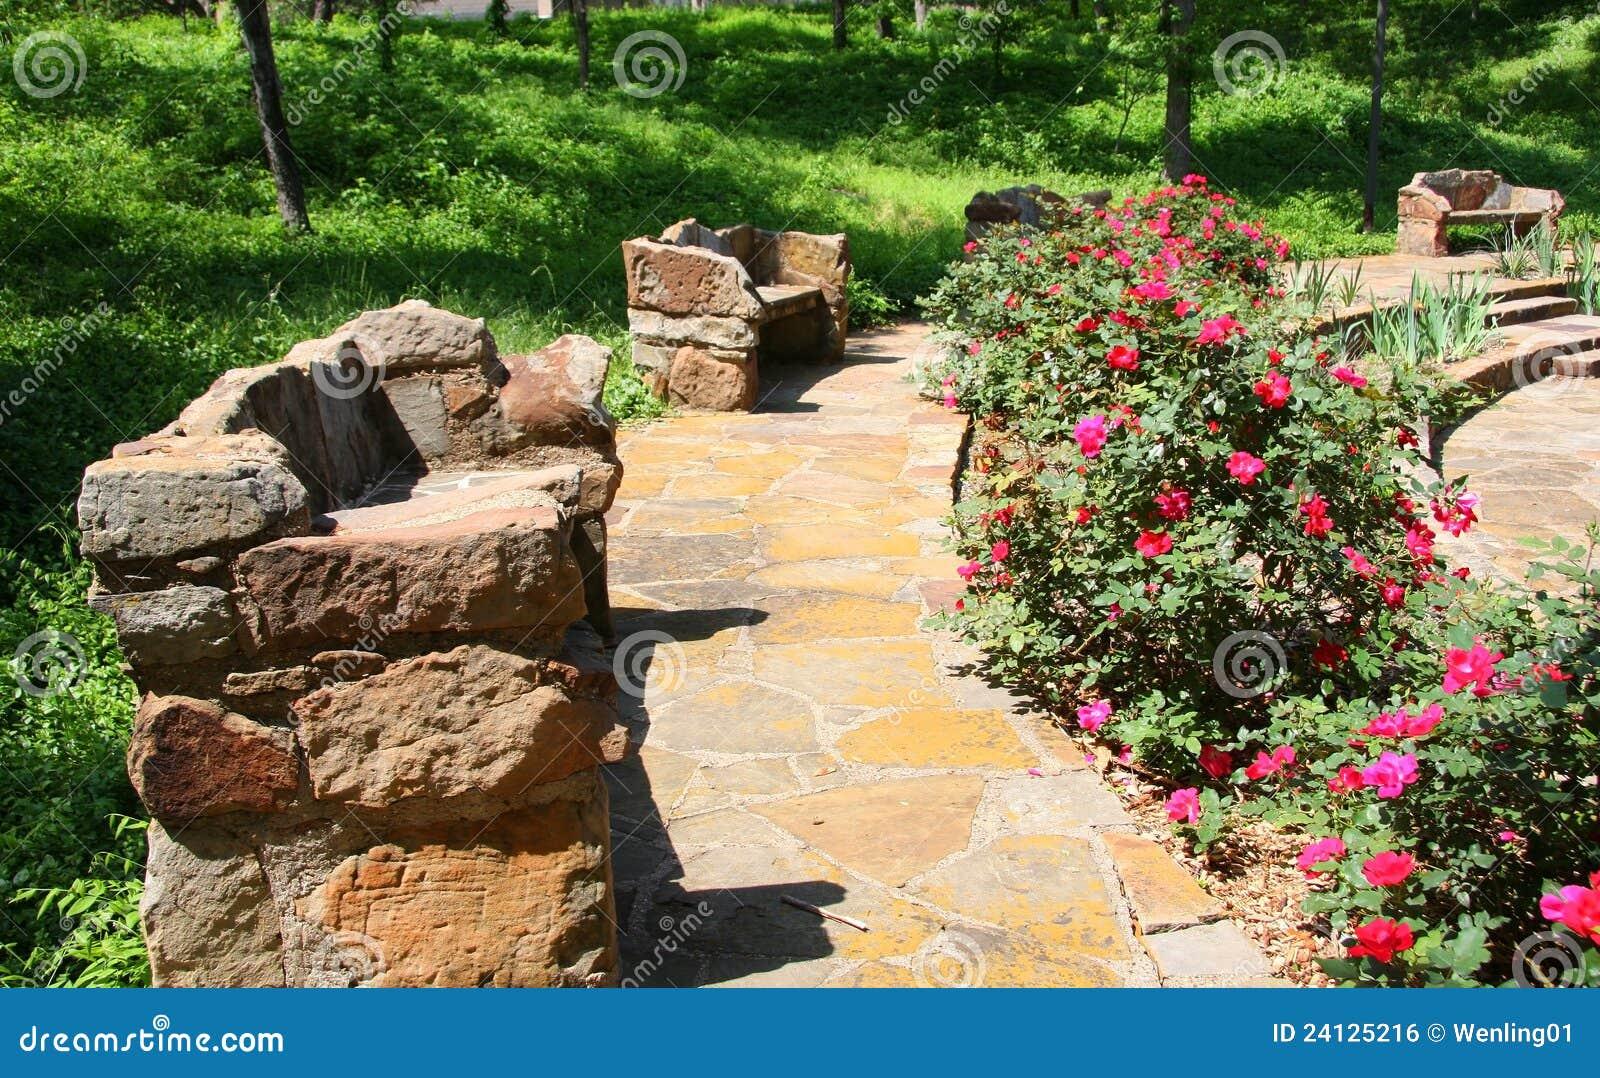 Bancos de piedra en el jard n foto de archivo imagen de - Bancos de piedra para jardin ...